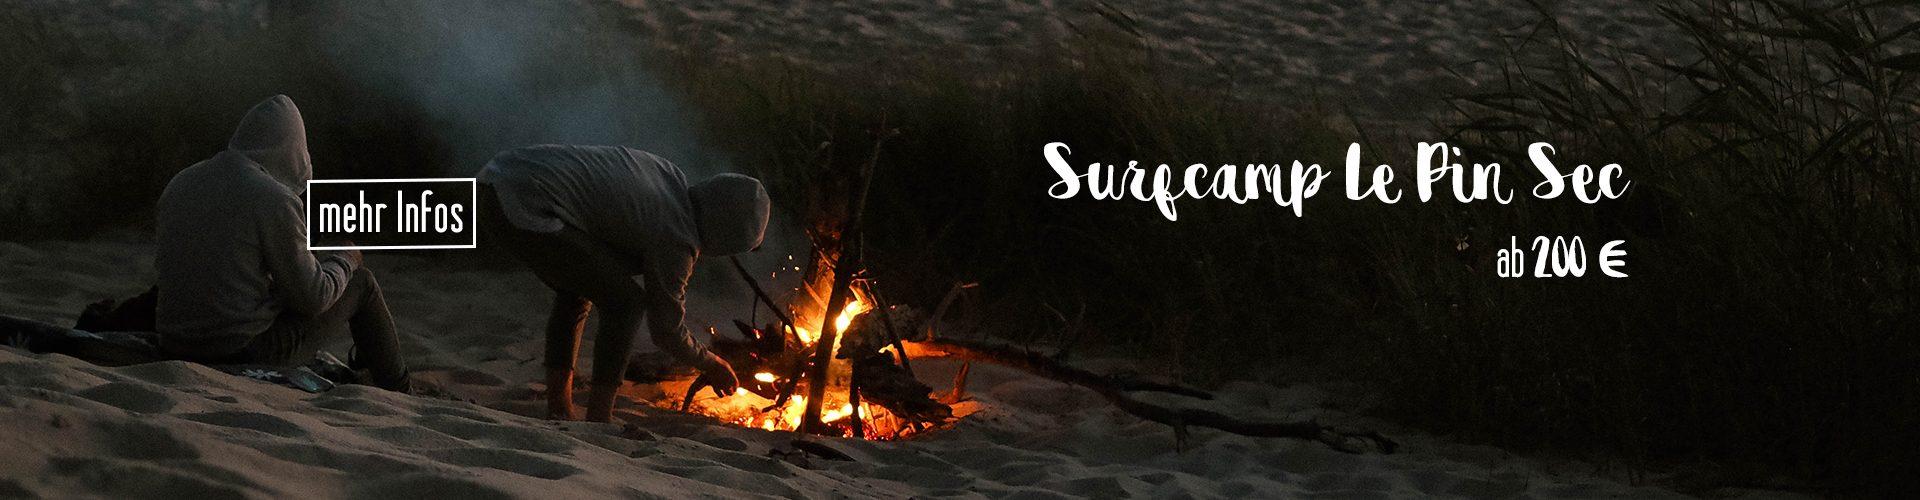 Surfcamp Le Pin Sec